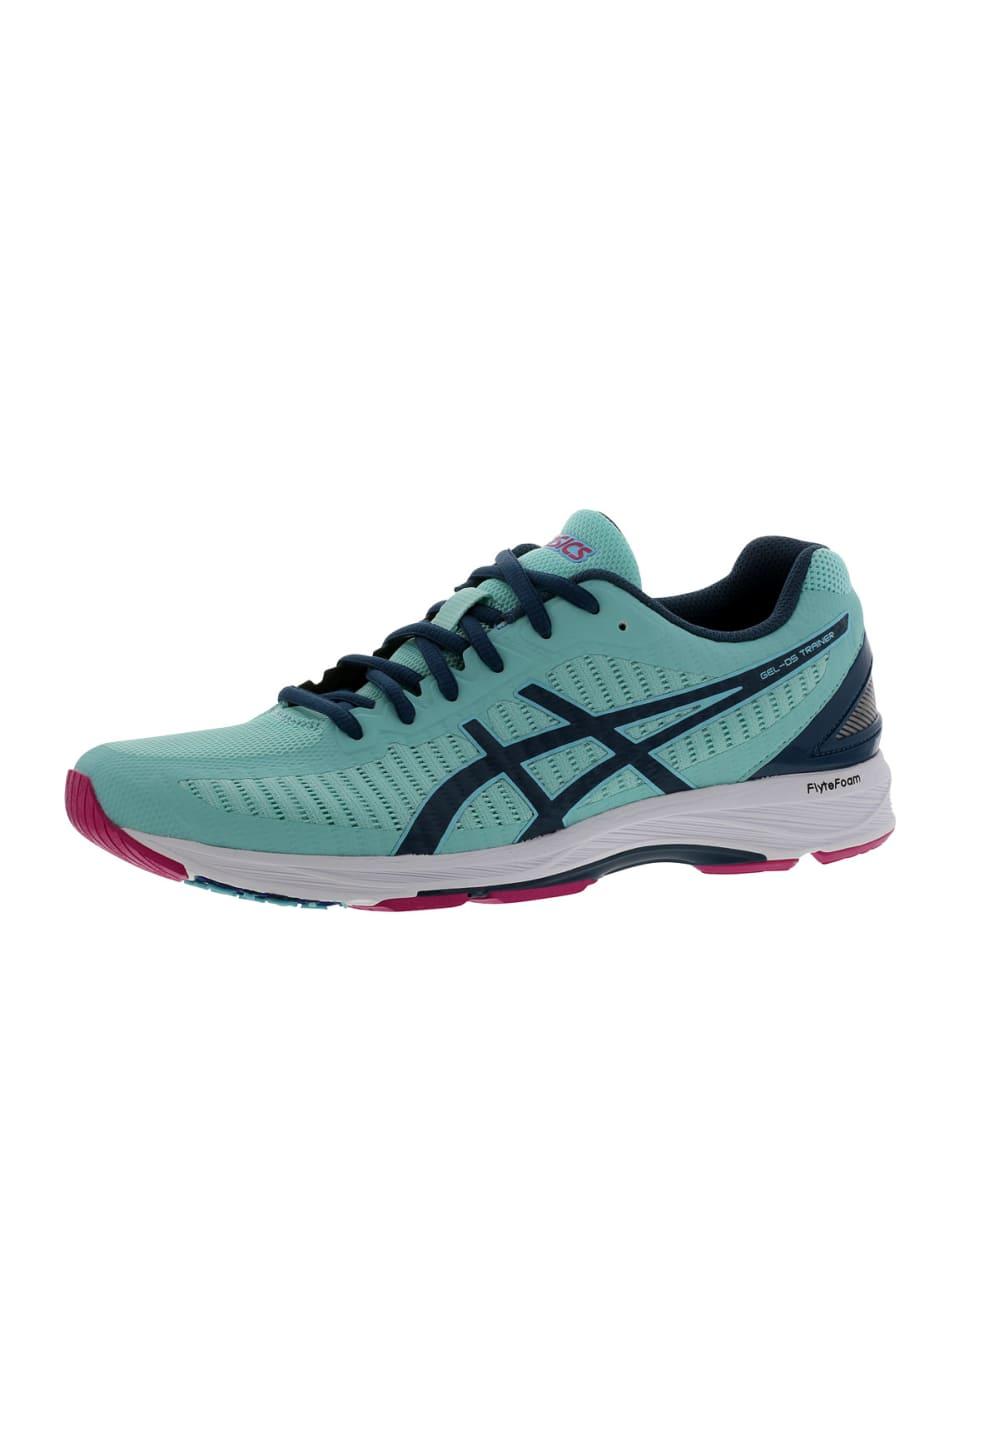 ASICS GEL-DS Trainer 23 - Laufschuhe für Damen - Blau